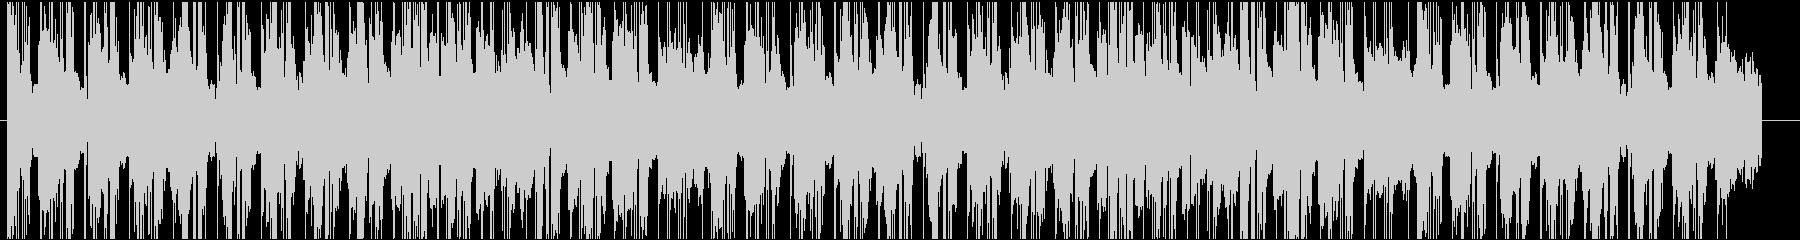 エレピが心地よいR&BジャズBGMの未再生の波形